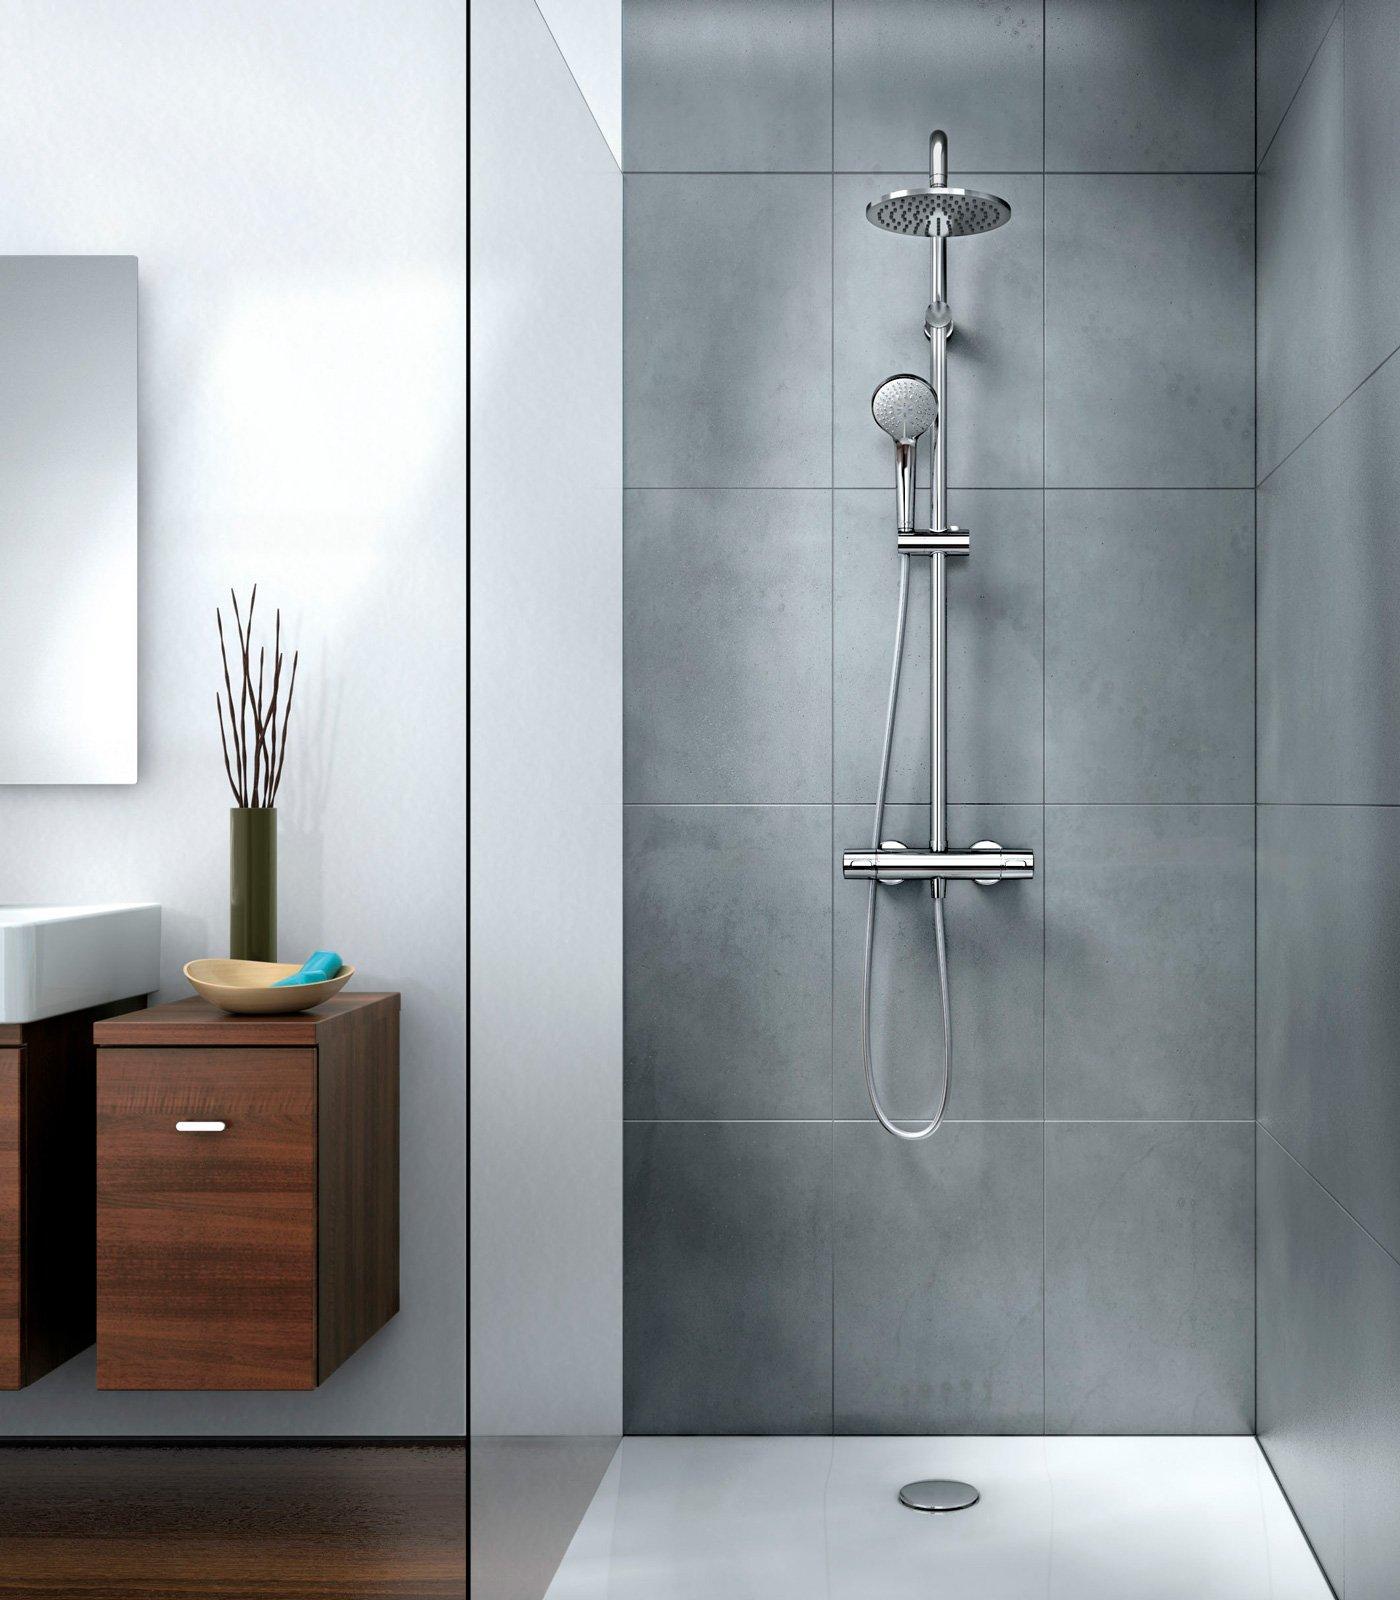 gruppo doccia soffioni e doccette una coppia per il. Black Bedroom Furniture Sets. Home Design Ideas